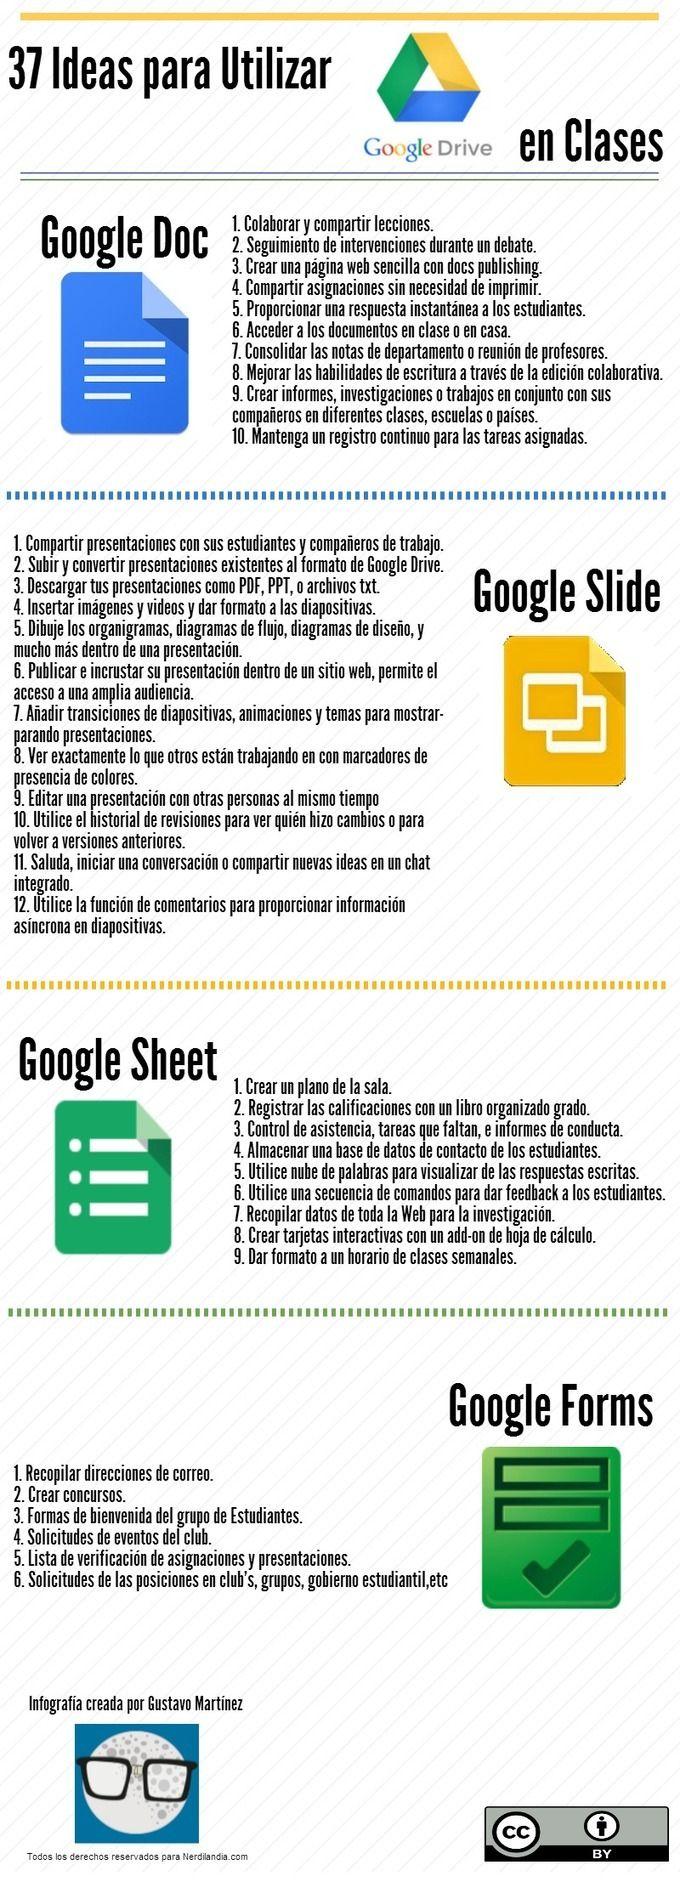 Infografía en español con 37 formas de usar Google Drive en Clases - Nerdilandia